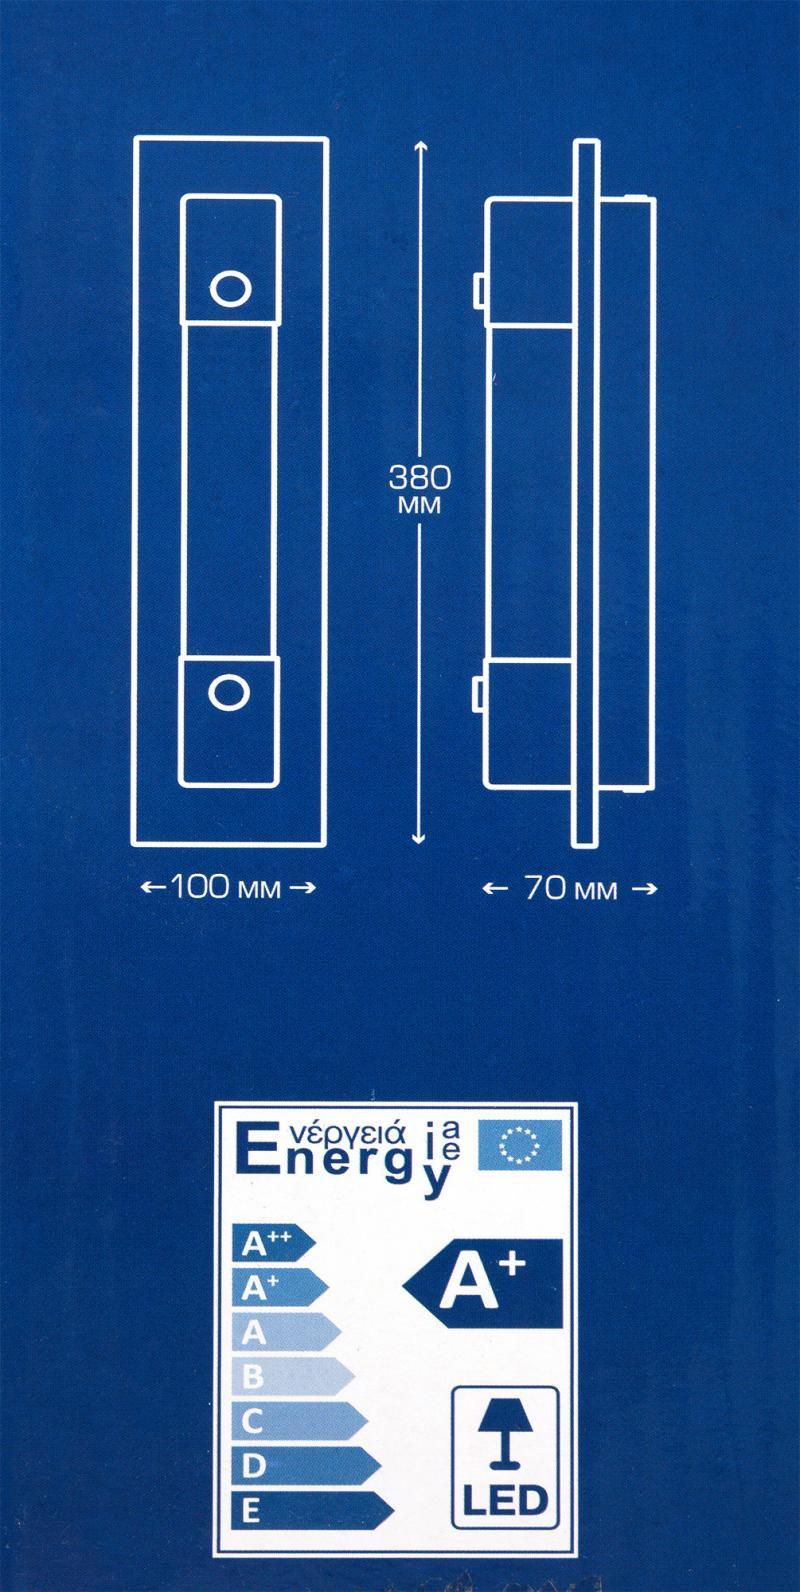 Светильник линейный светодиодный SNCHLINE-DLL10W, 10 Вт, 630 Лм, 4000 К, цвет хром, свет холодный белый